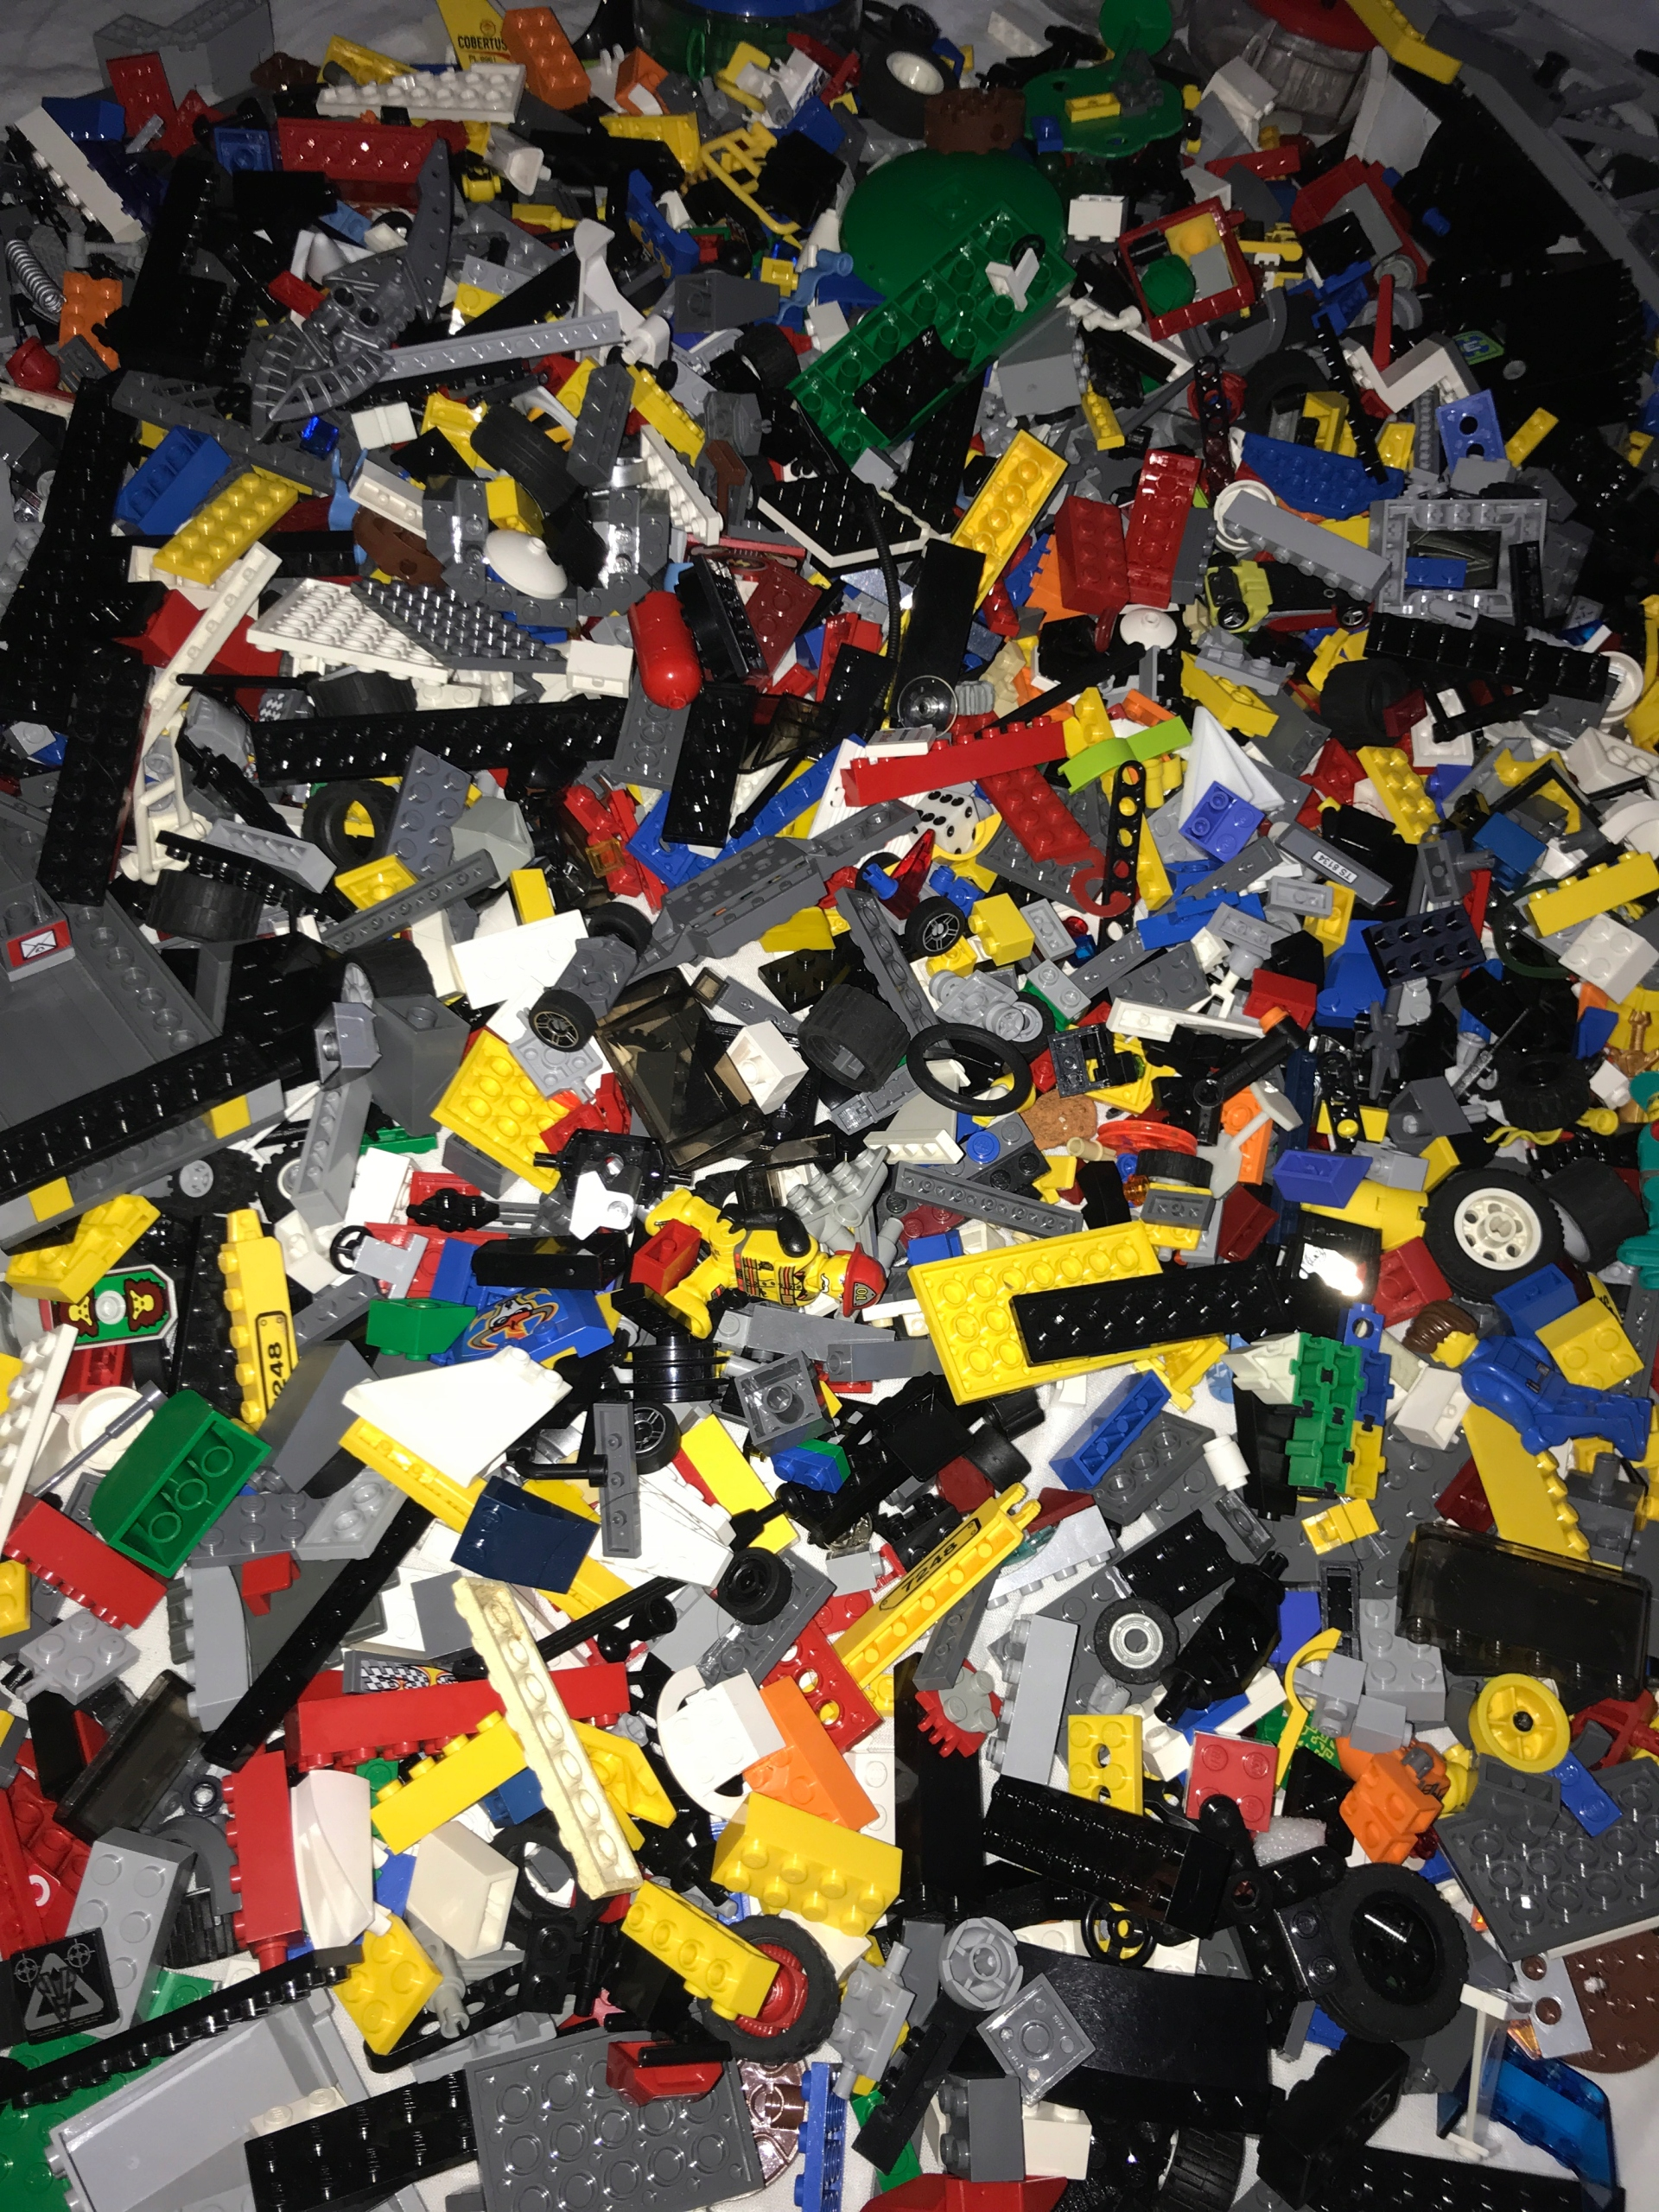 Klocki Lego Mix 75 Kg Instrukcje Samochody 7674933603